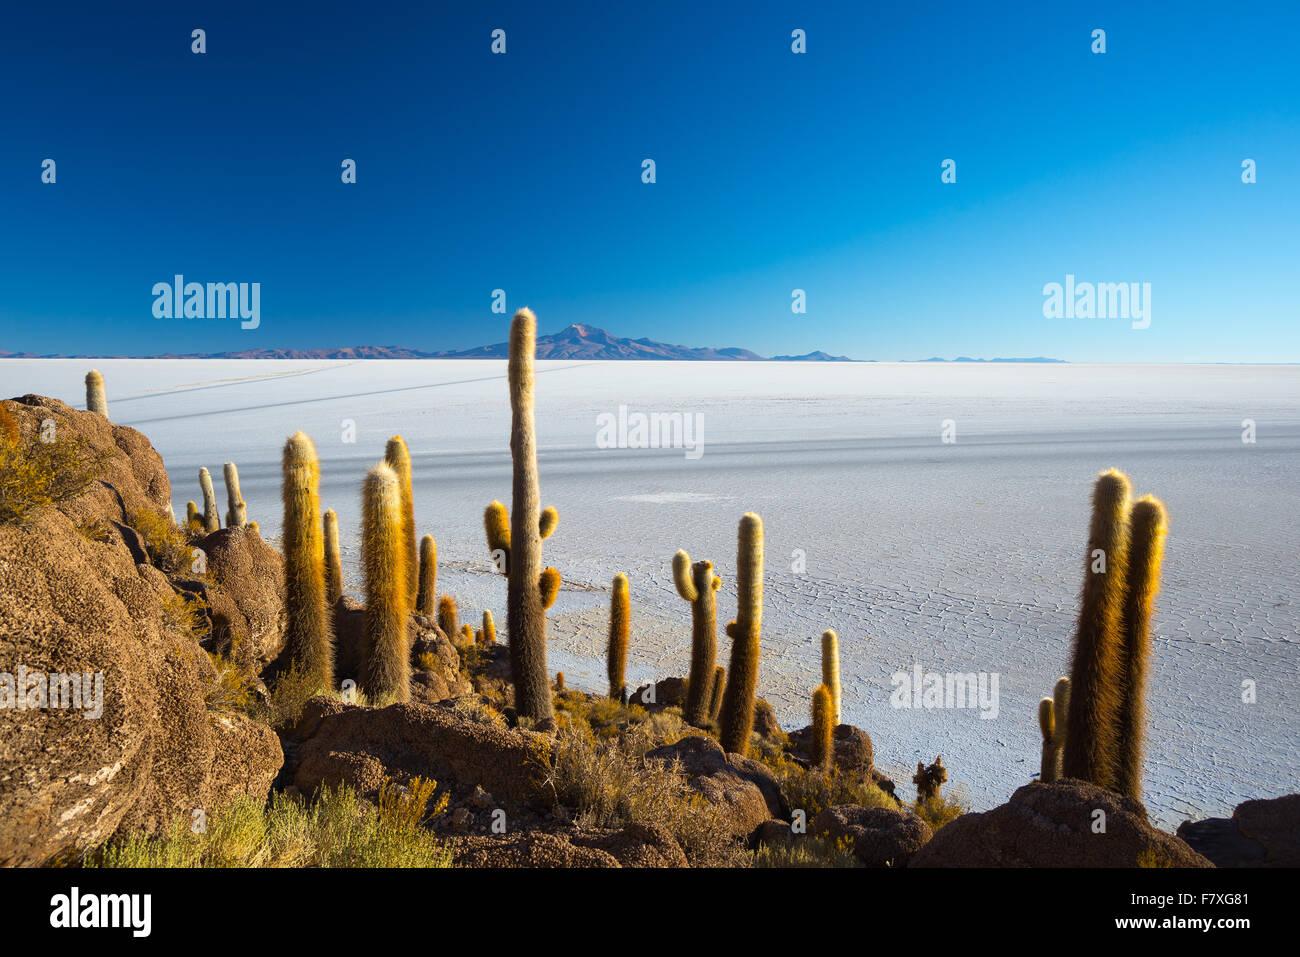 Ampio angolo di visione del sale di Uyuni piatto, tra le più importanti destinazioni di viaggio in Bolivia. Immagini Stock